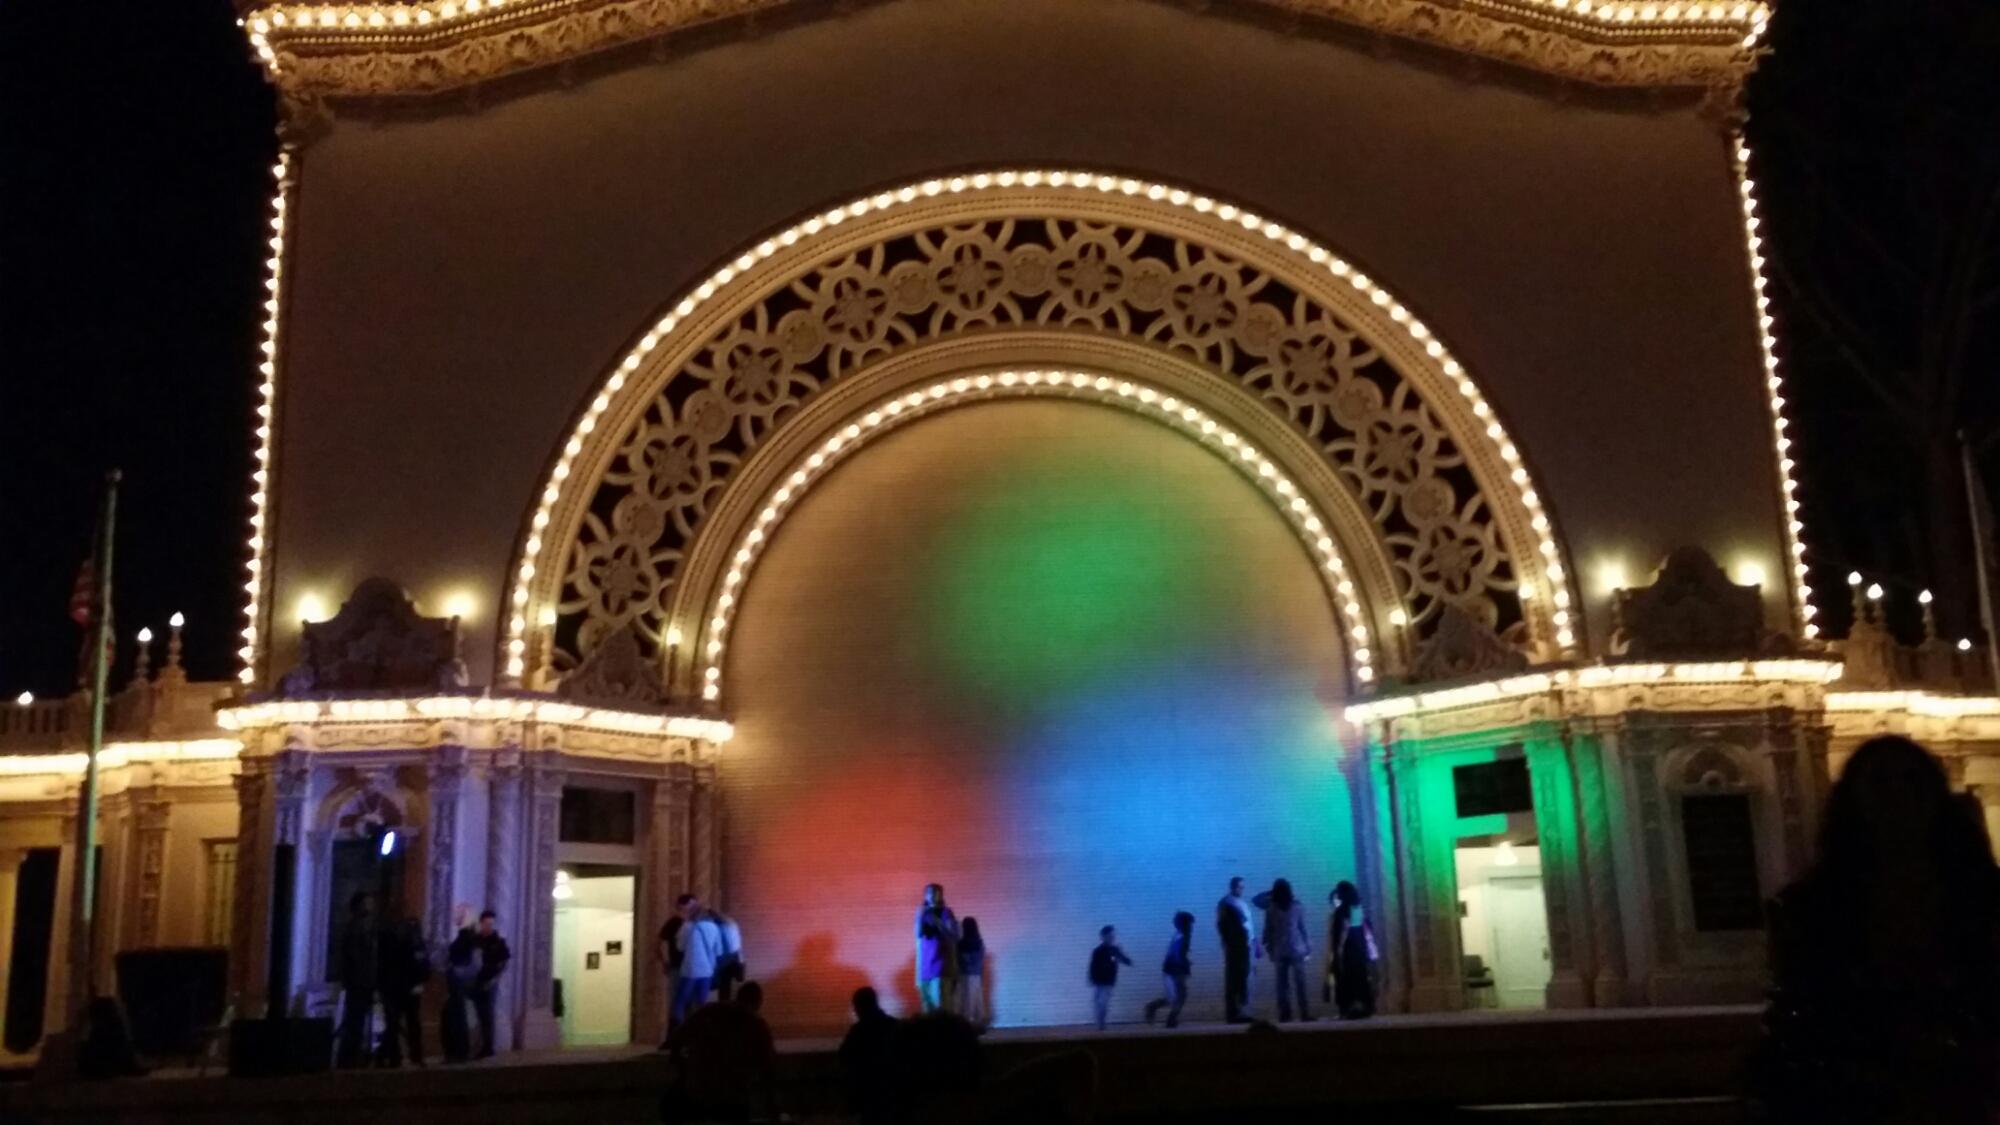 Balboa Park Organ Pavilion